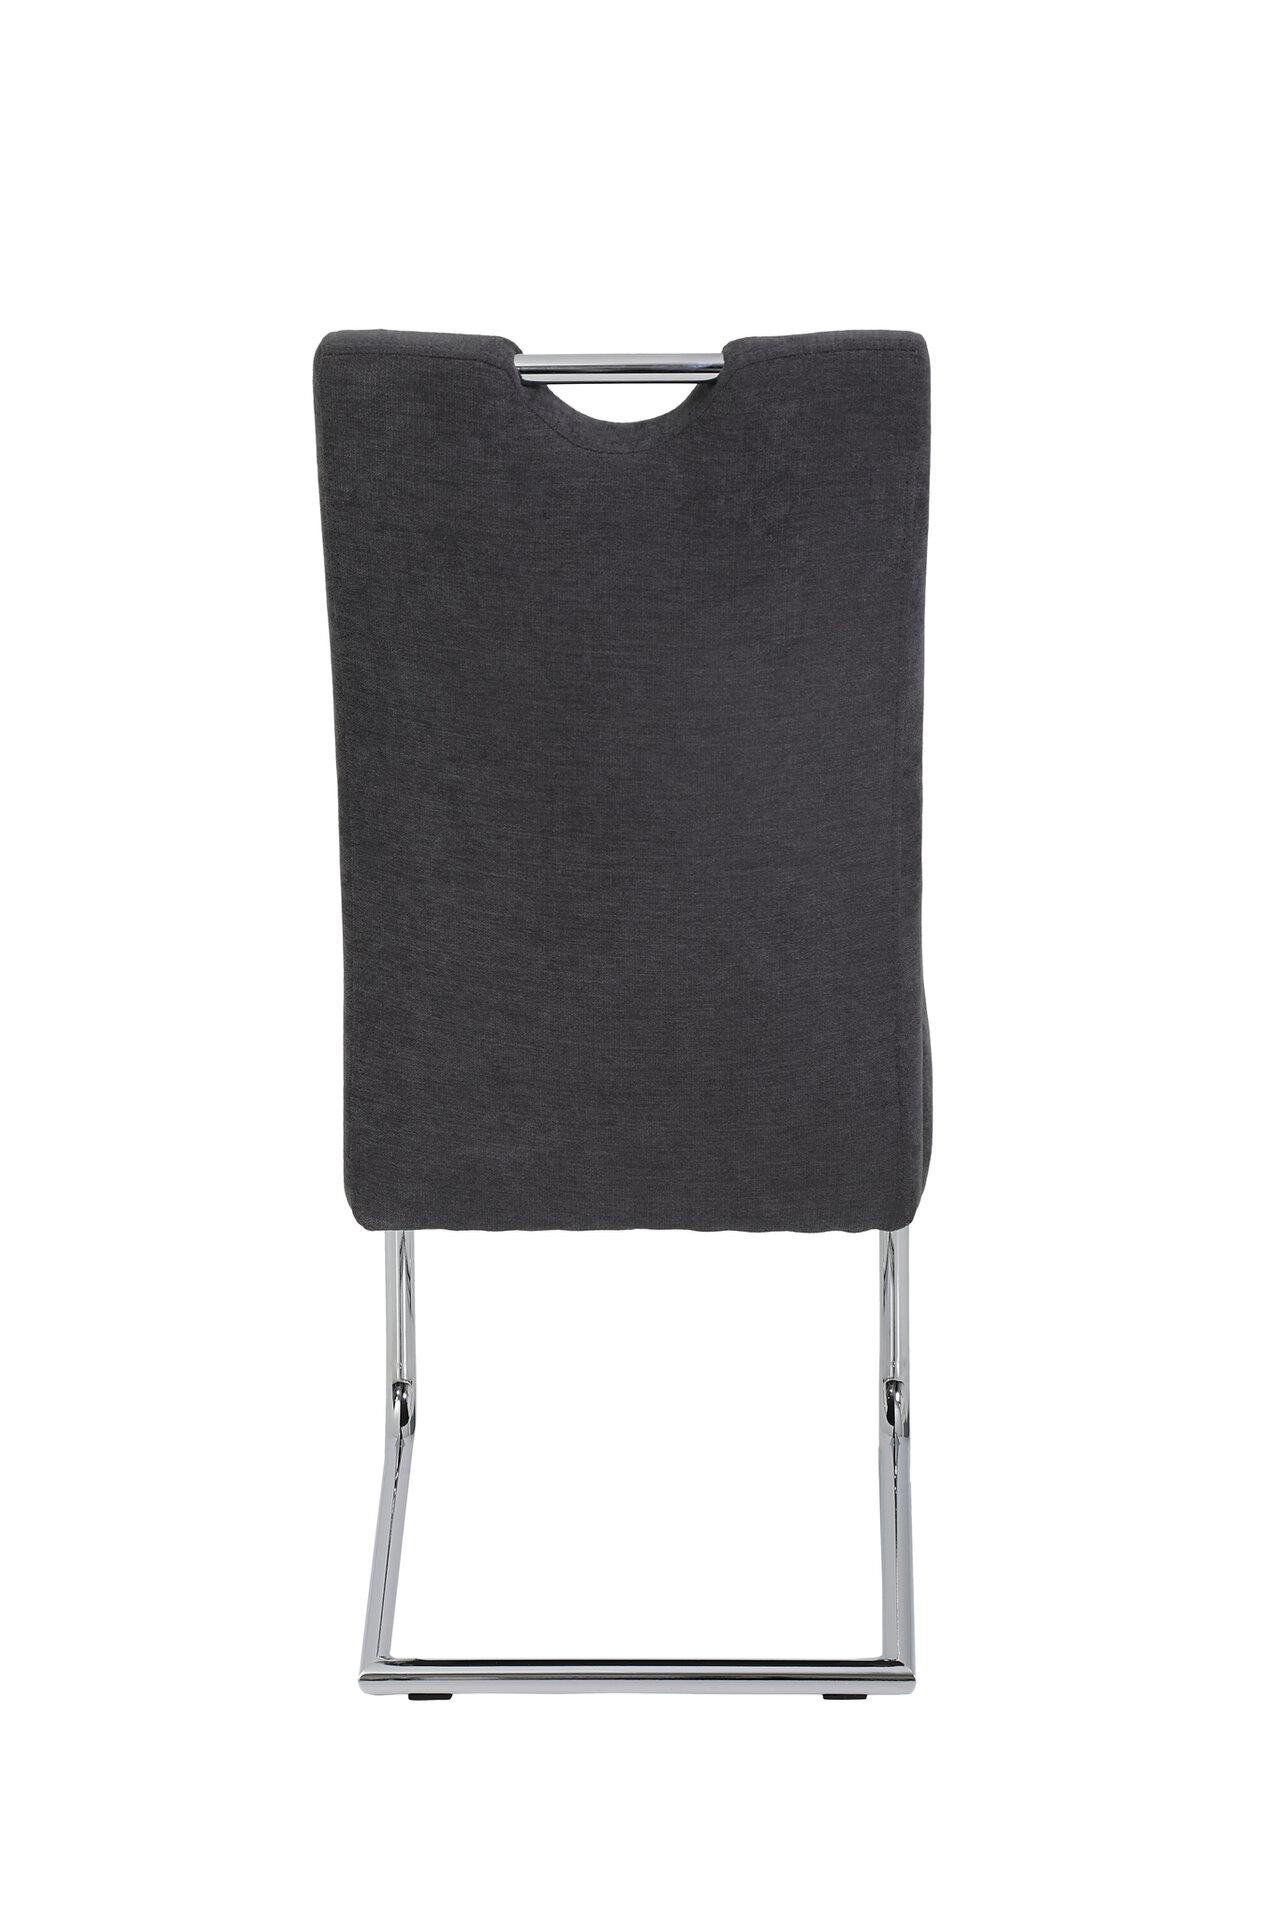 Freischwingerstuhl DENISE I Dinett Textil 59 x 98 x 44 cm